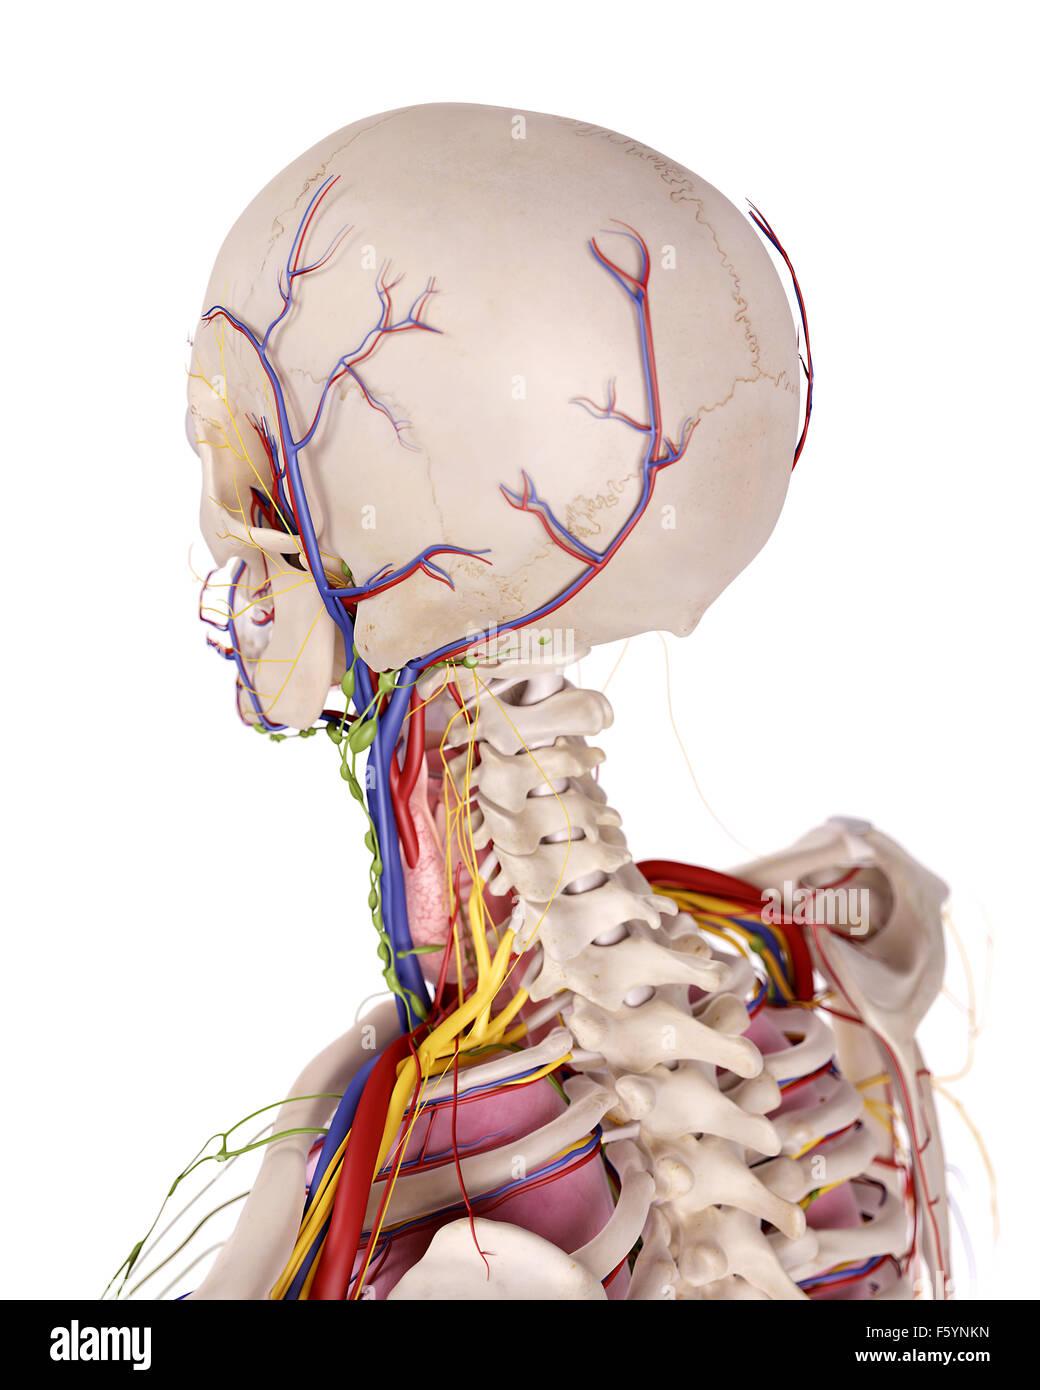 medizinische genaue Abbildung der Kopf Anatomie Stockfoto, Bild ...